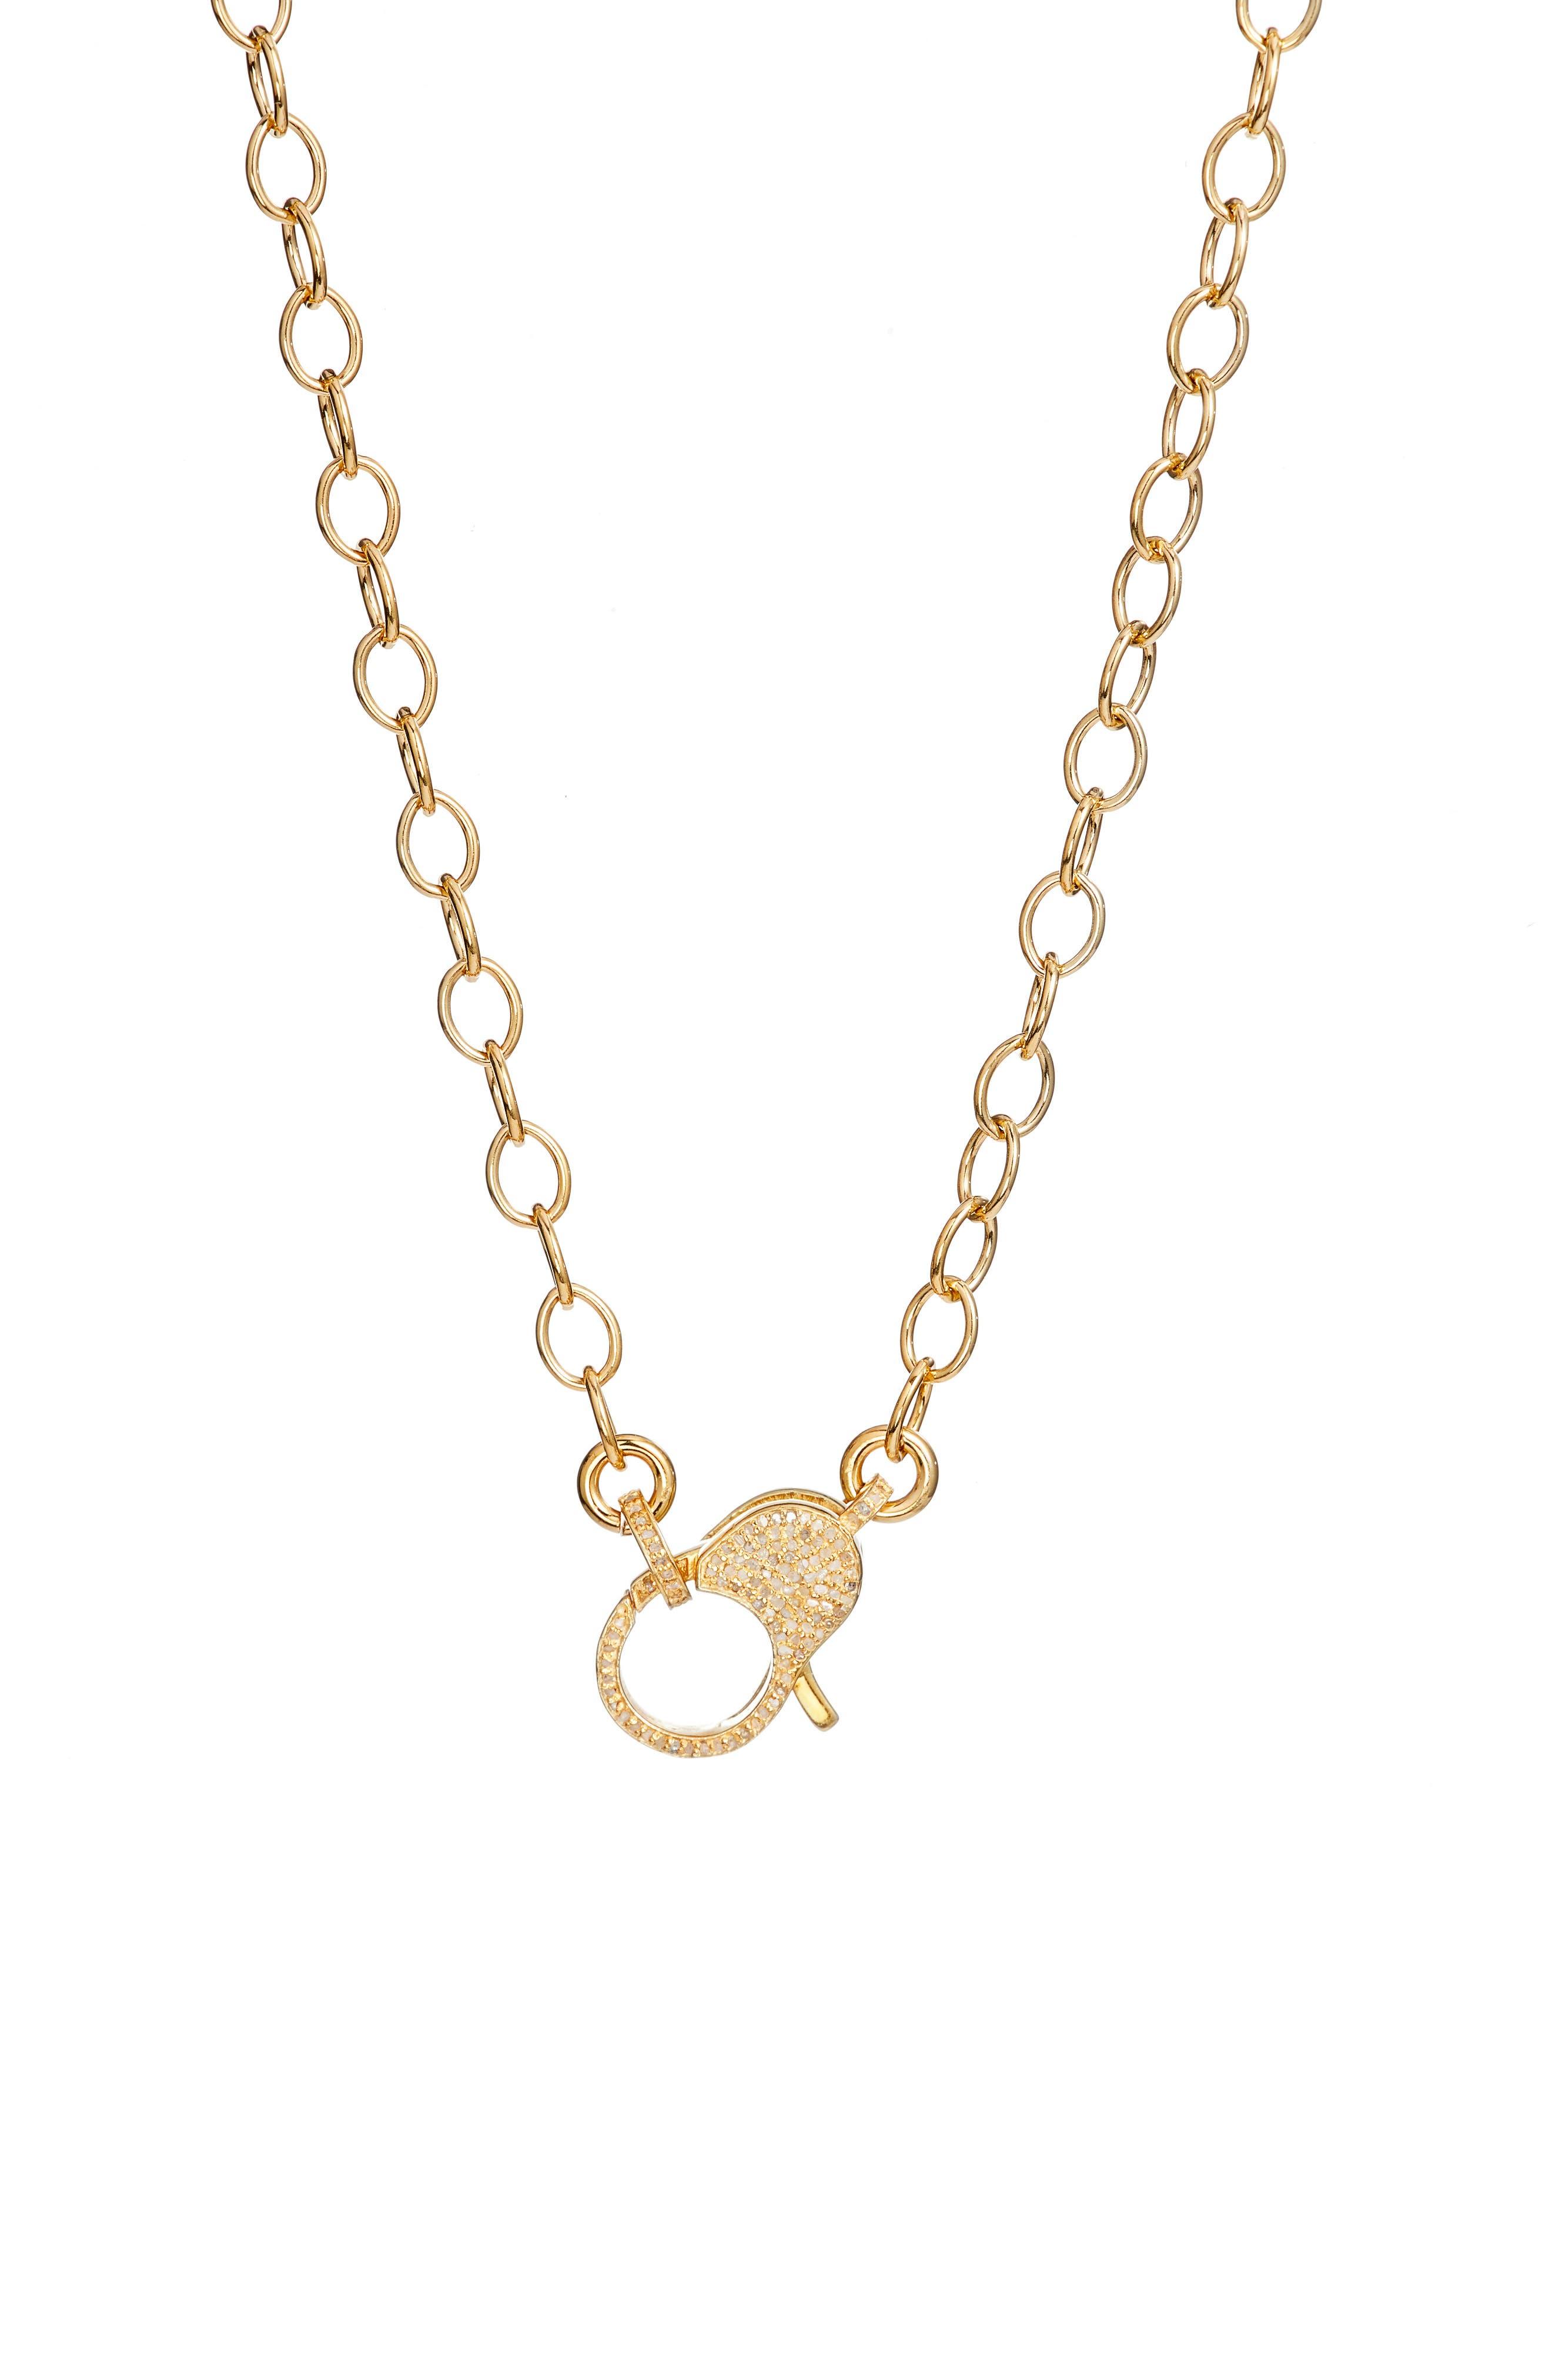 Jane Basch Pavé Lock Chain Necklace,                             Main thumbnail 1, color,                             Gold